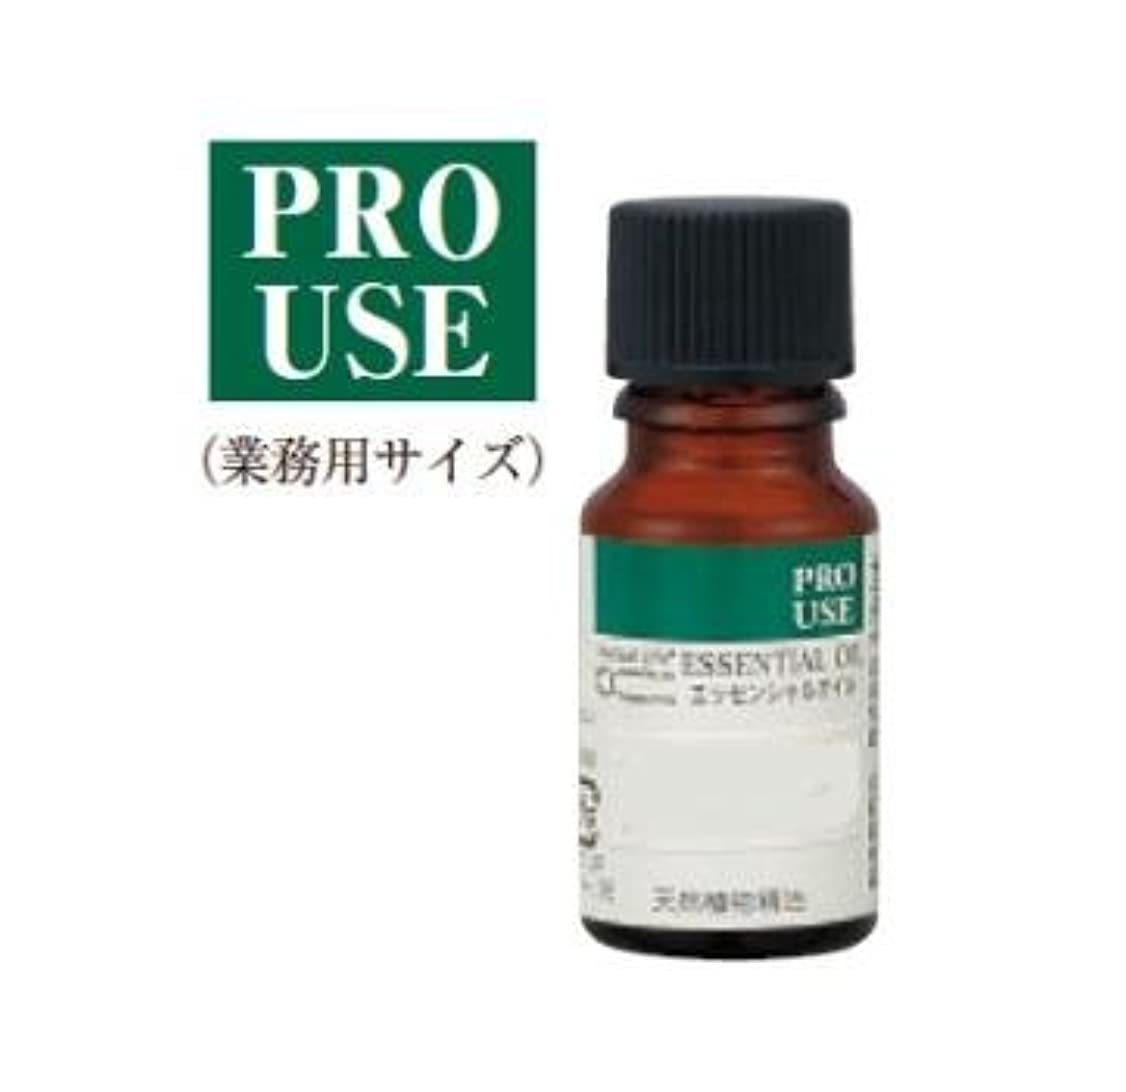 暫定のカンガルー告発生活の木 ジャスミンAbs.10ml エッセンシャルオイル/精油